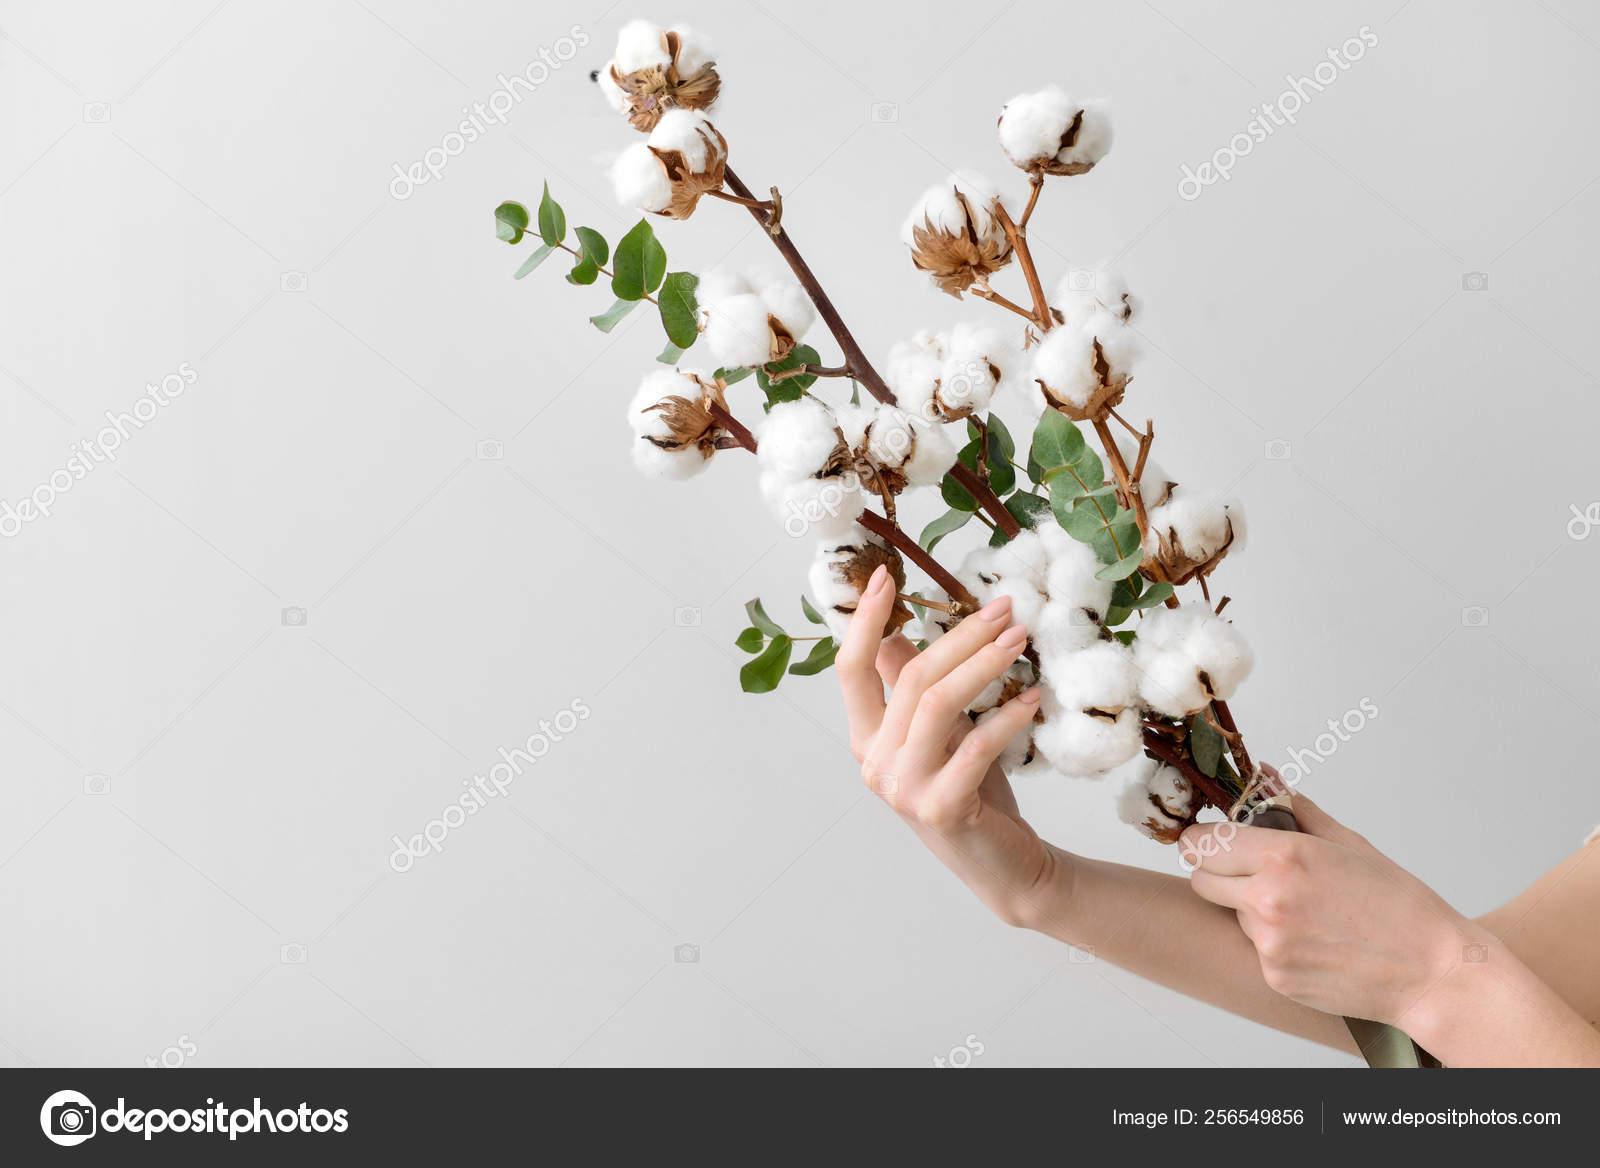 Branche Fleur De Coton female hands holding floral composition with cotton flowers